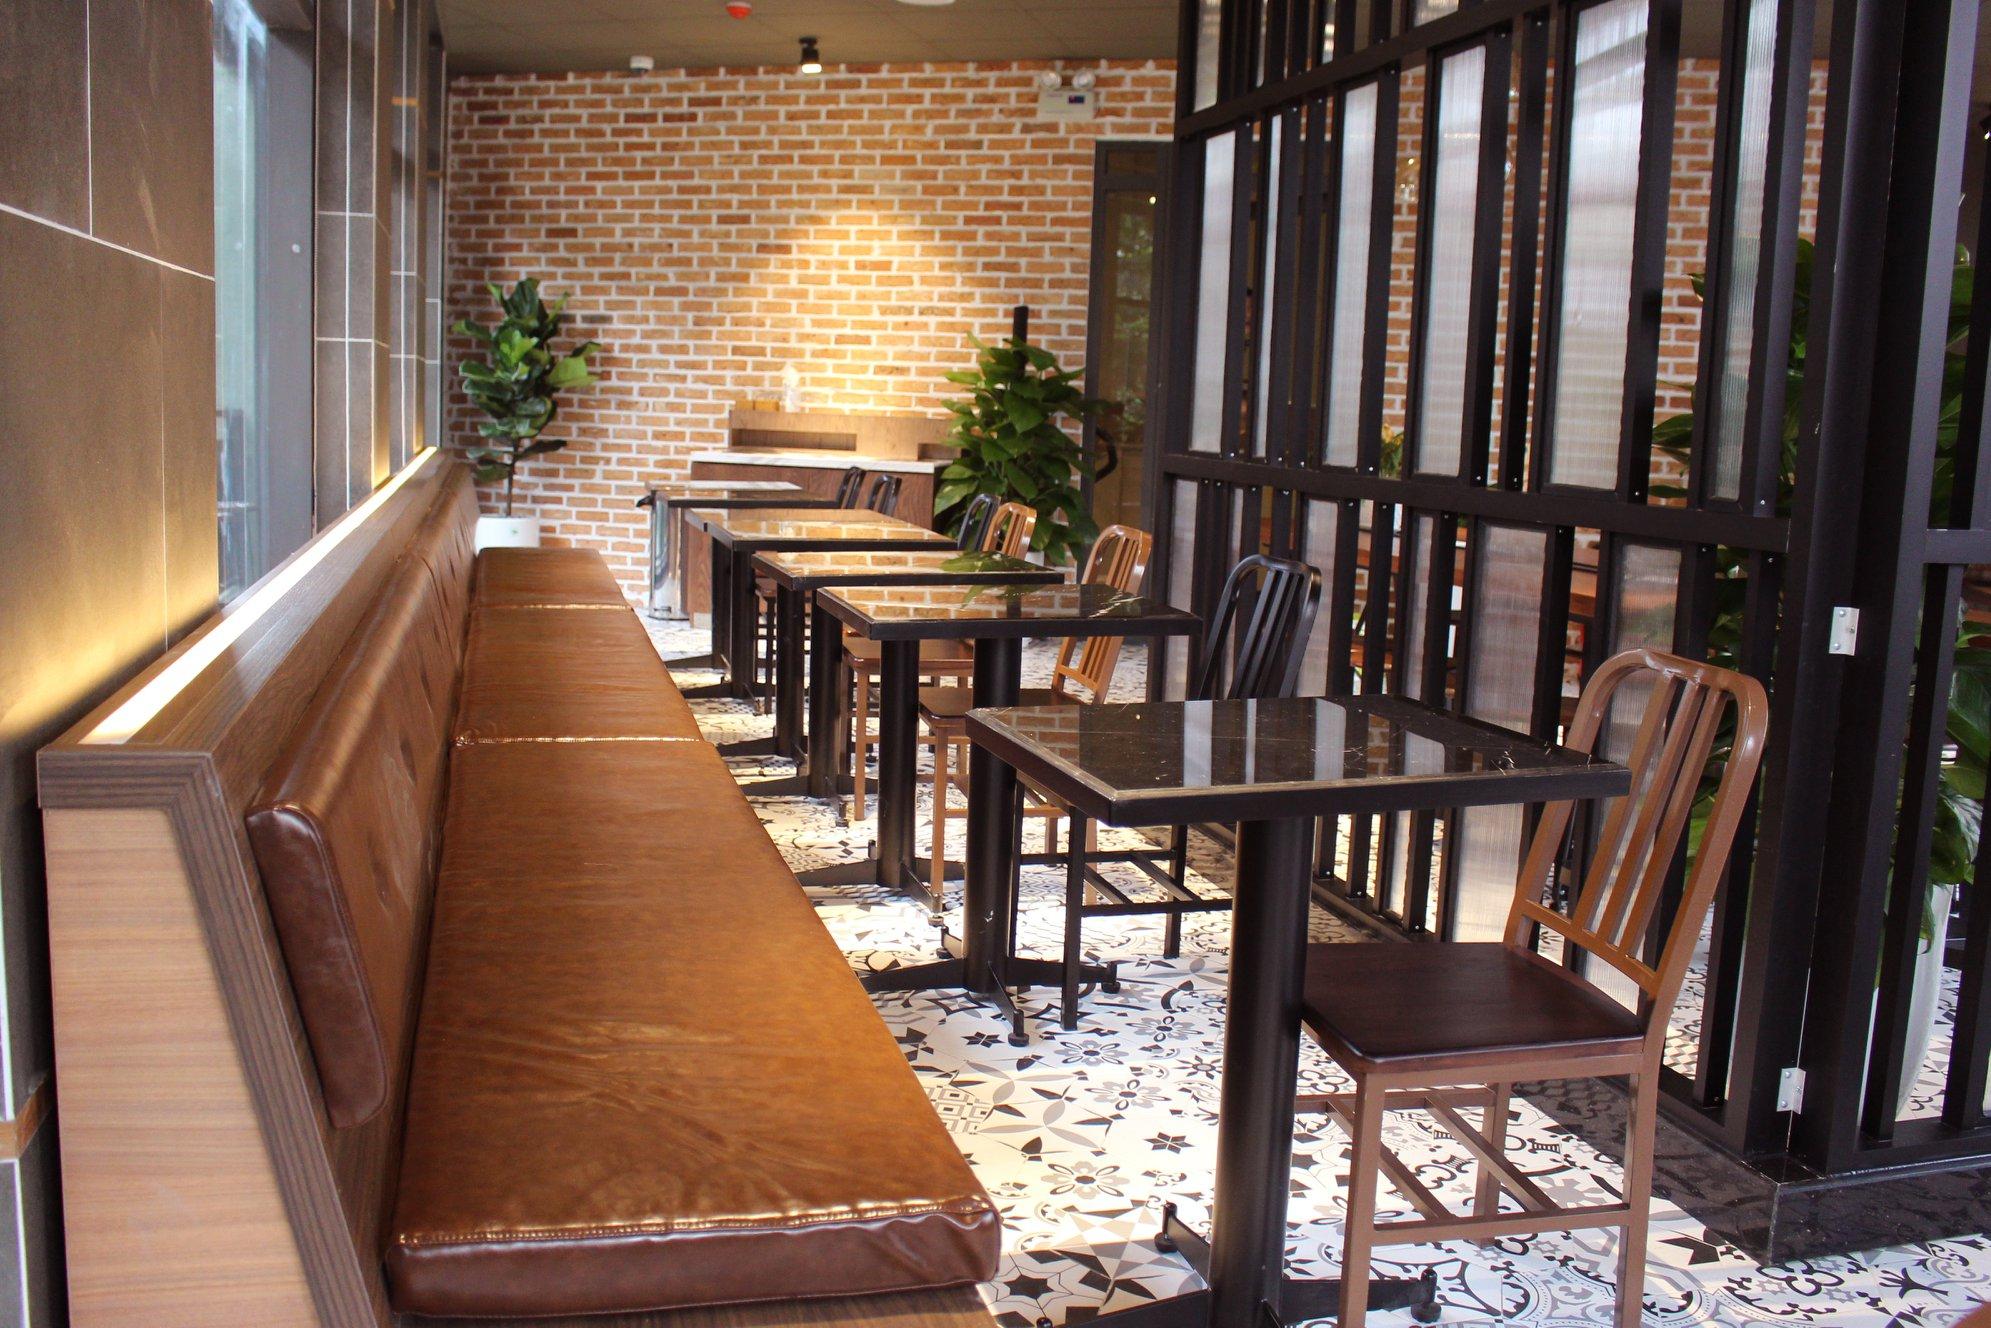 Thiết kế bàn ghế độc đáo của các quán Phúc Long Coffee & Tea